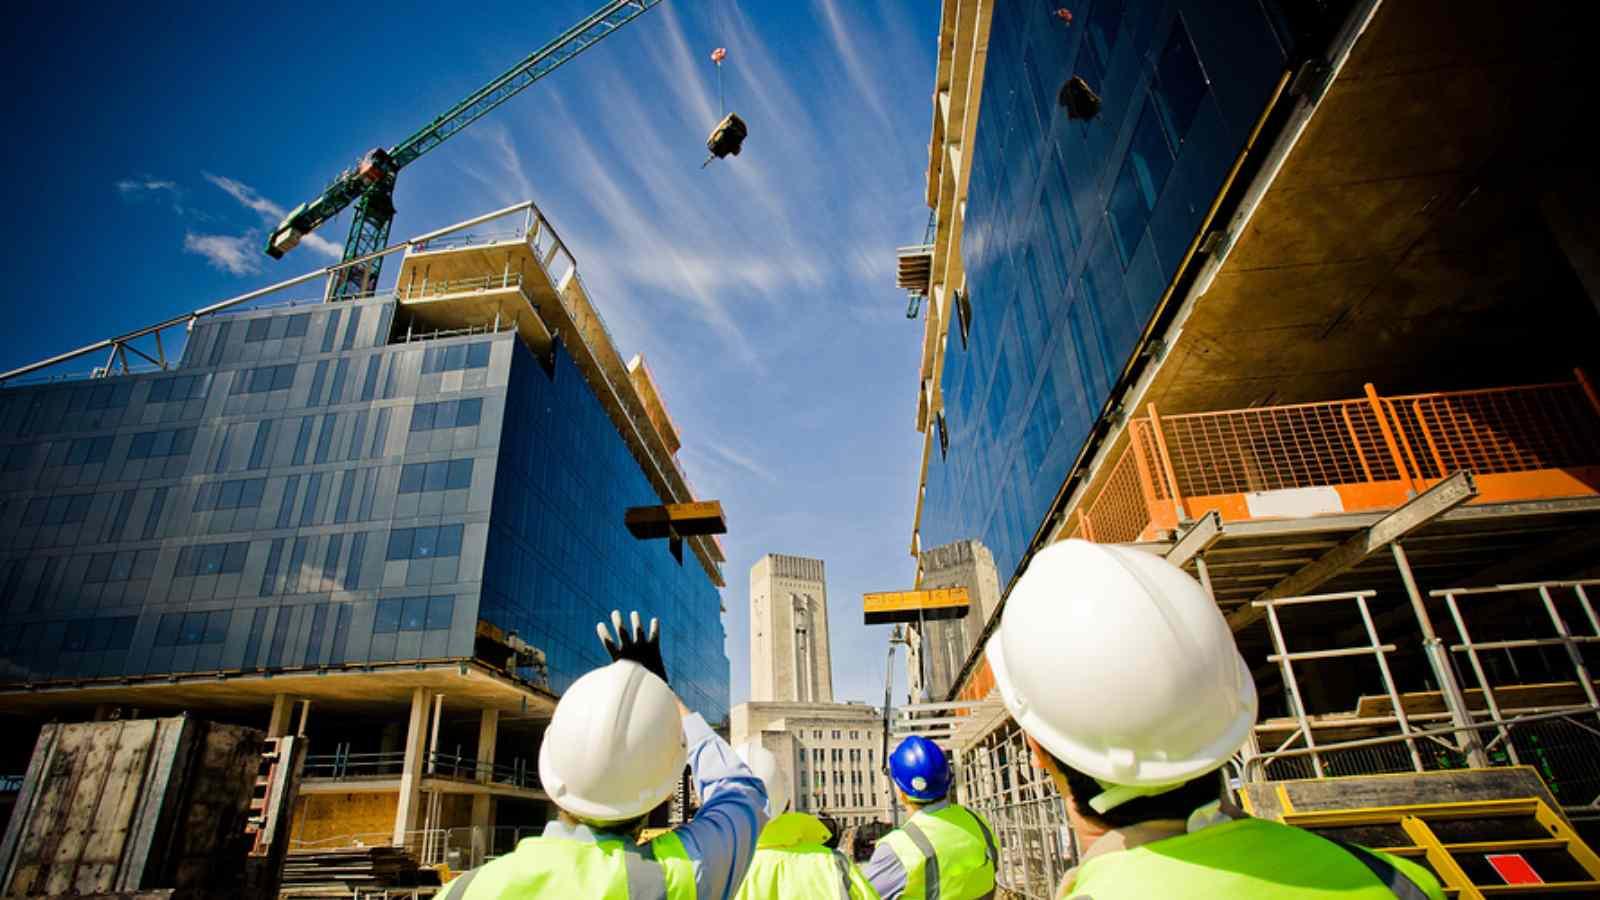 Cifra de afaceri in cazul aplicarii facilitatilor din domeniul constructiilor include si productia realizata si nefacturata